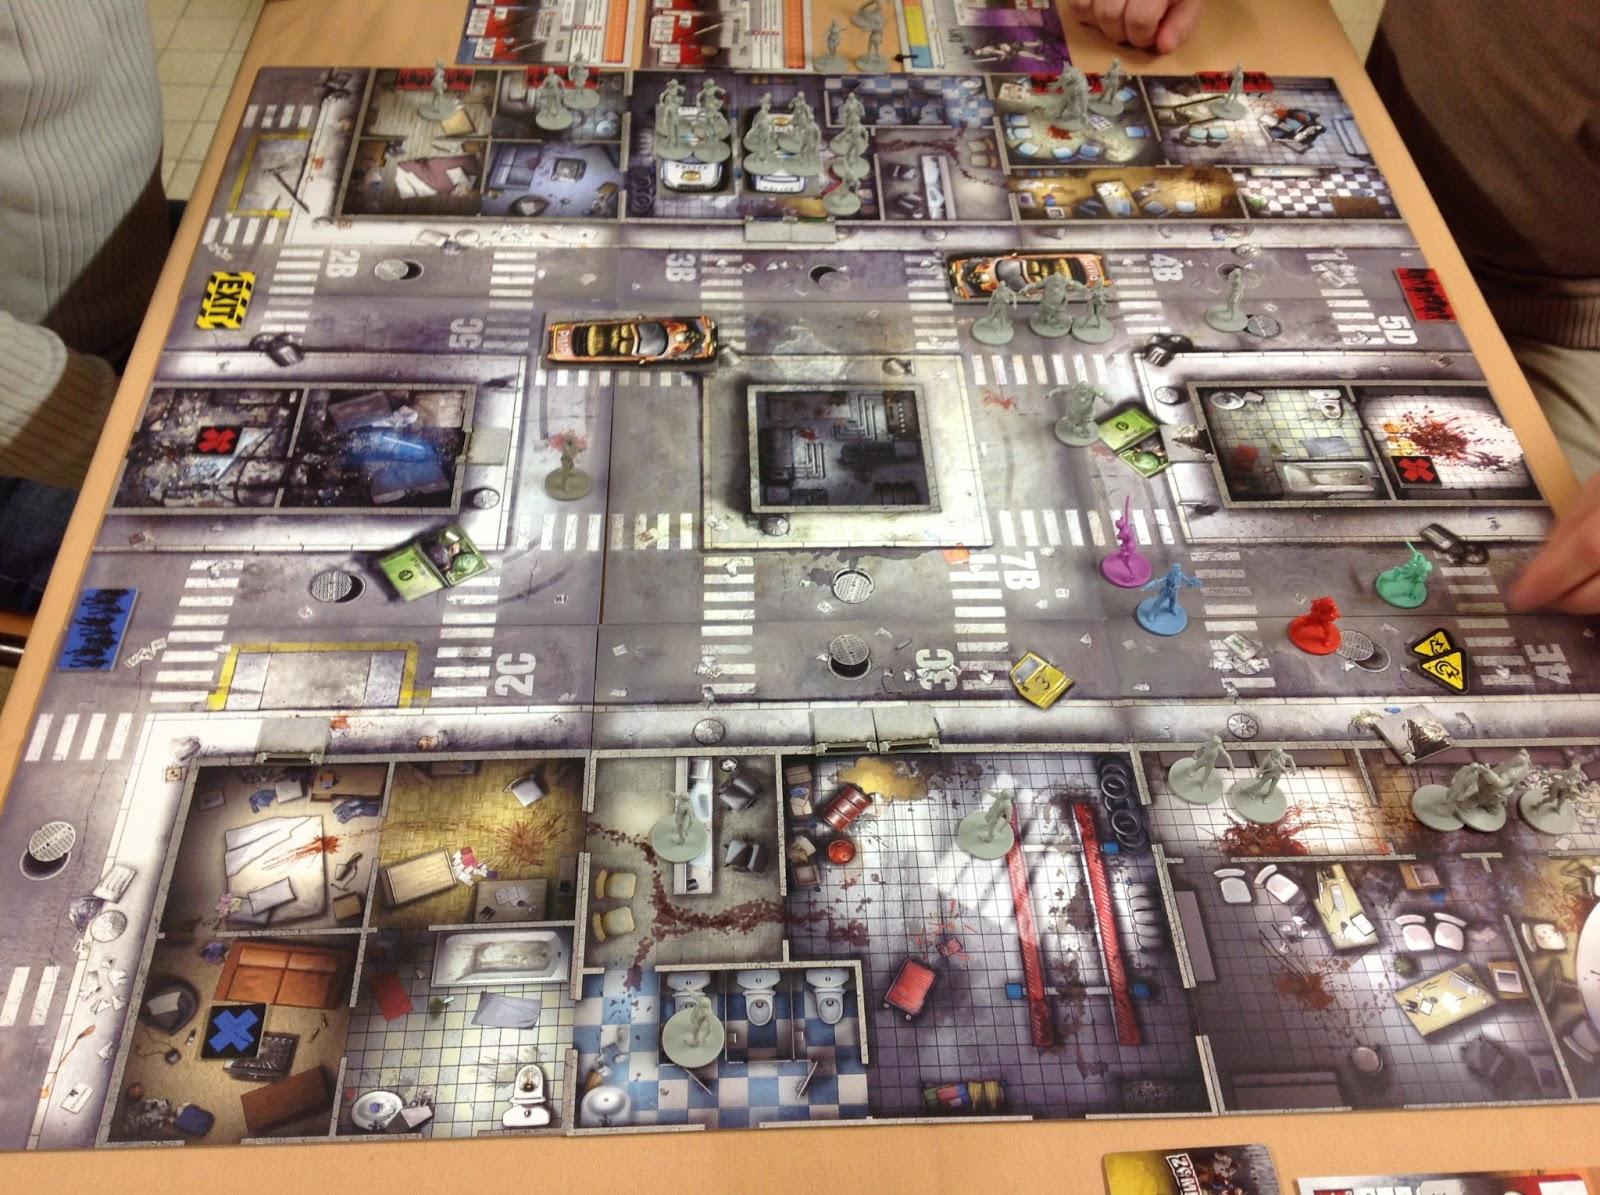 jti 06 zombicide un vrai jeu avec plein de zombis dedans. Black Bedroom Furniture Sets. Home Design Ideas